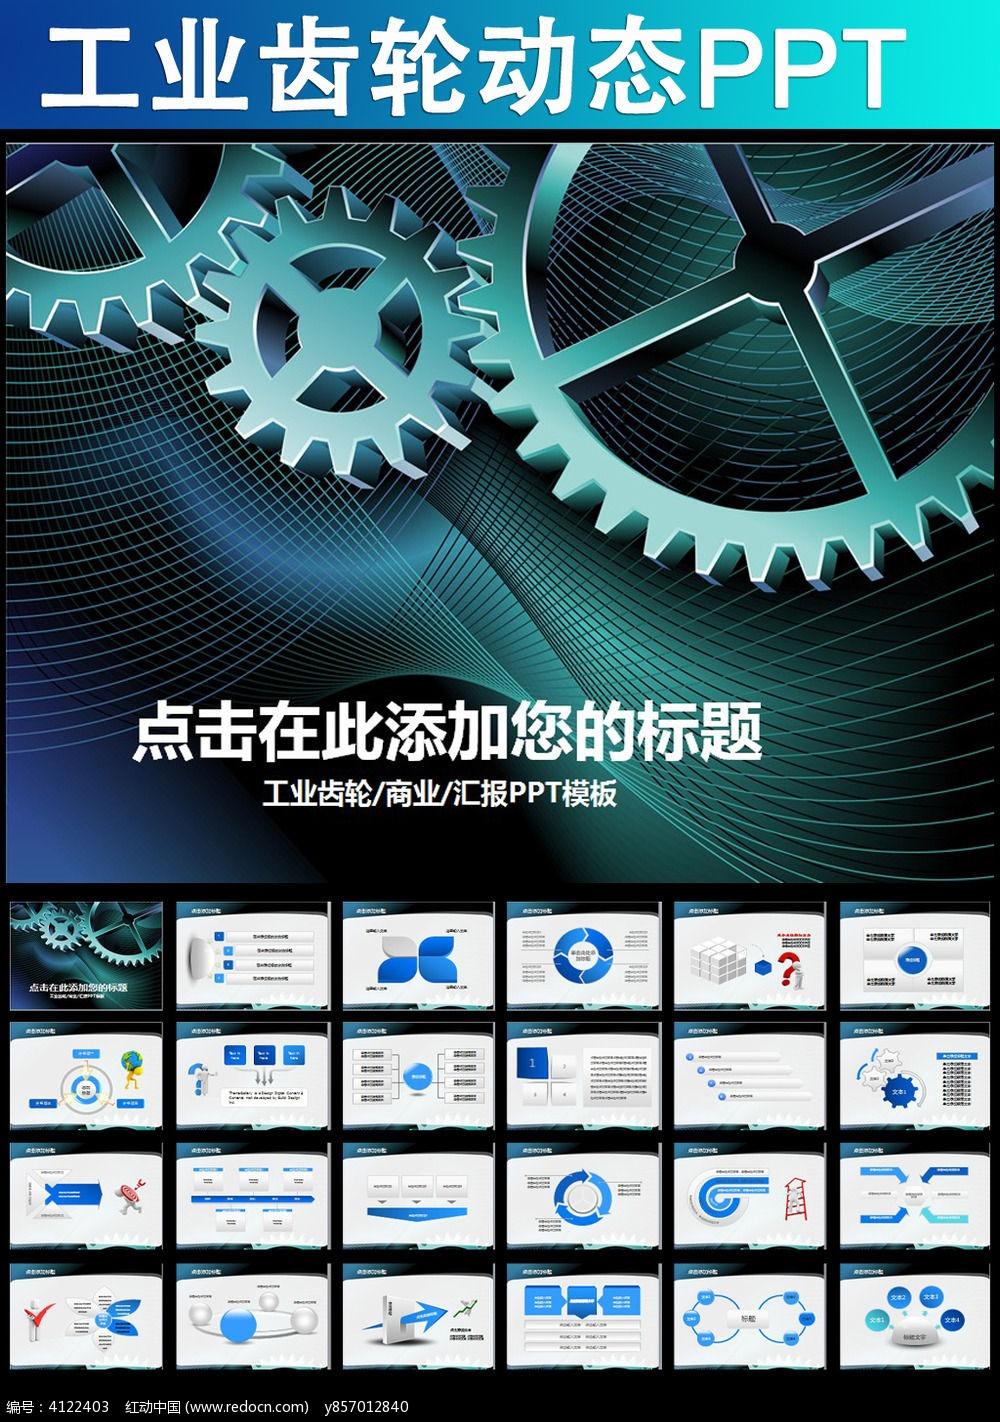 设备 钢铁业 制造业 机械制造业PPT模板 建筑机械制造 工业制图 机械